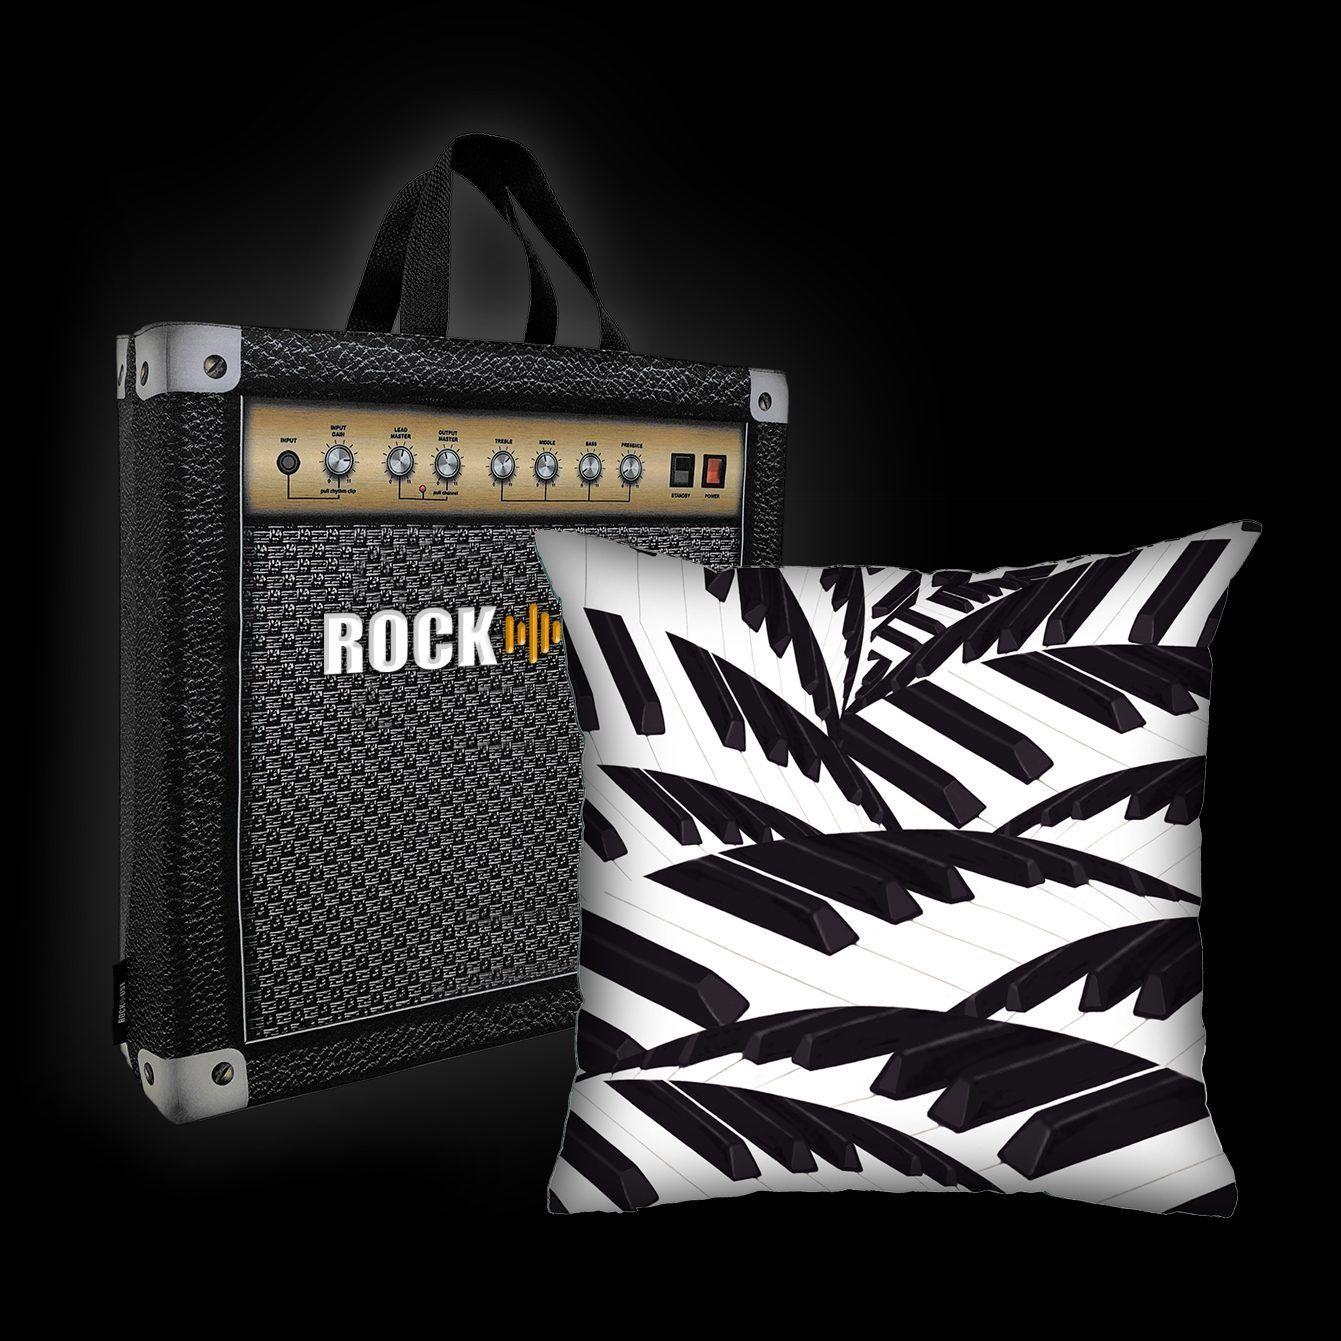 Kit Almofada & Sacola Rock Use - Teclado Tropical 2